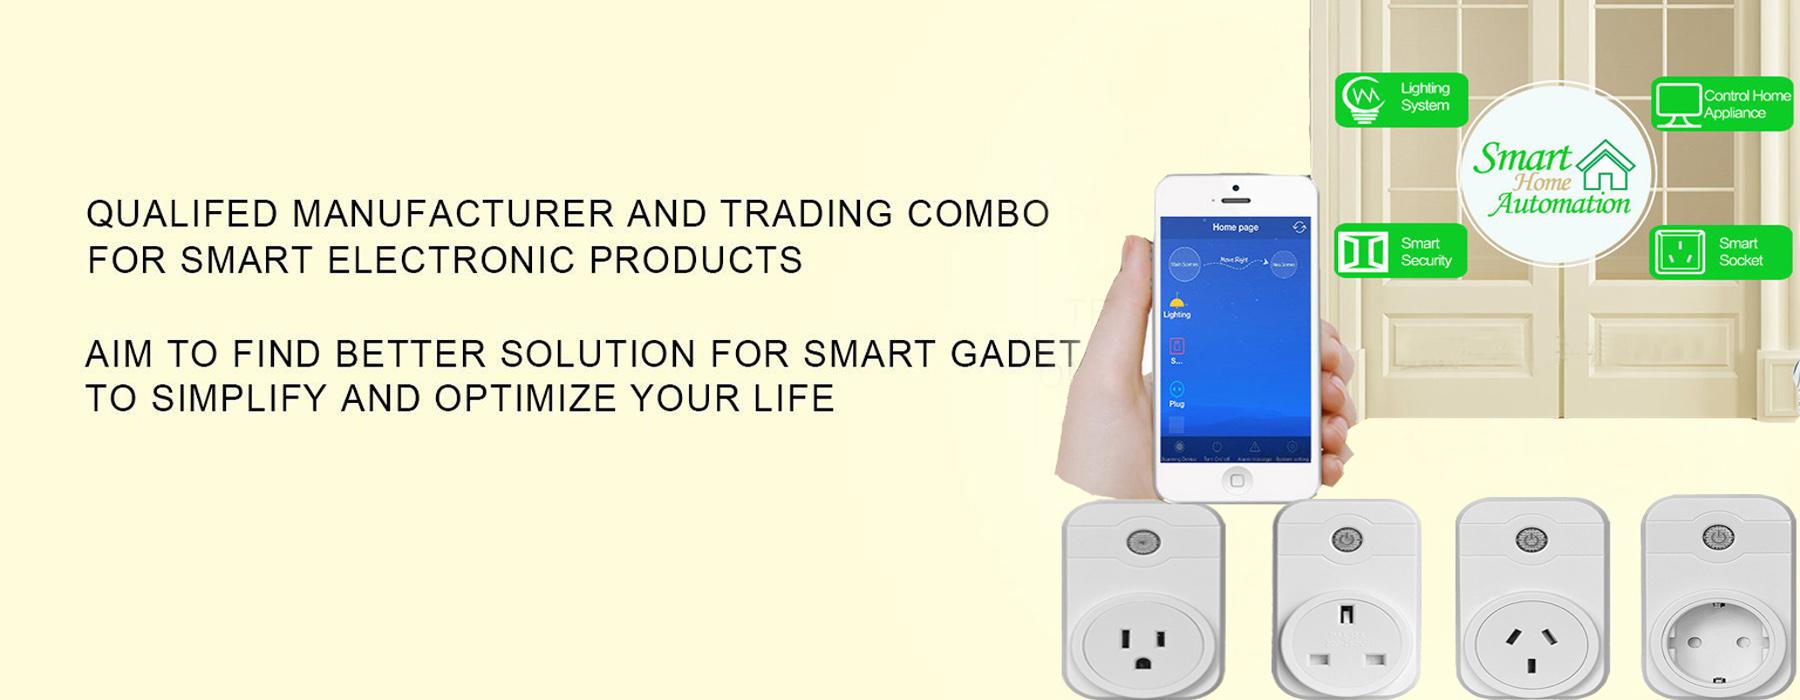 Apple Smart U Drive